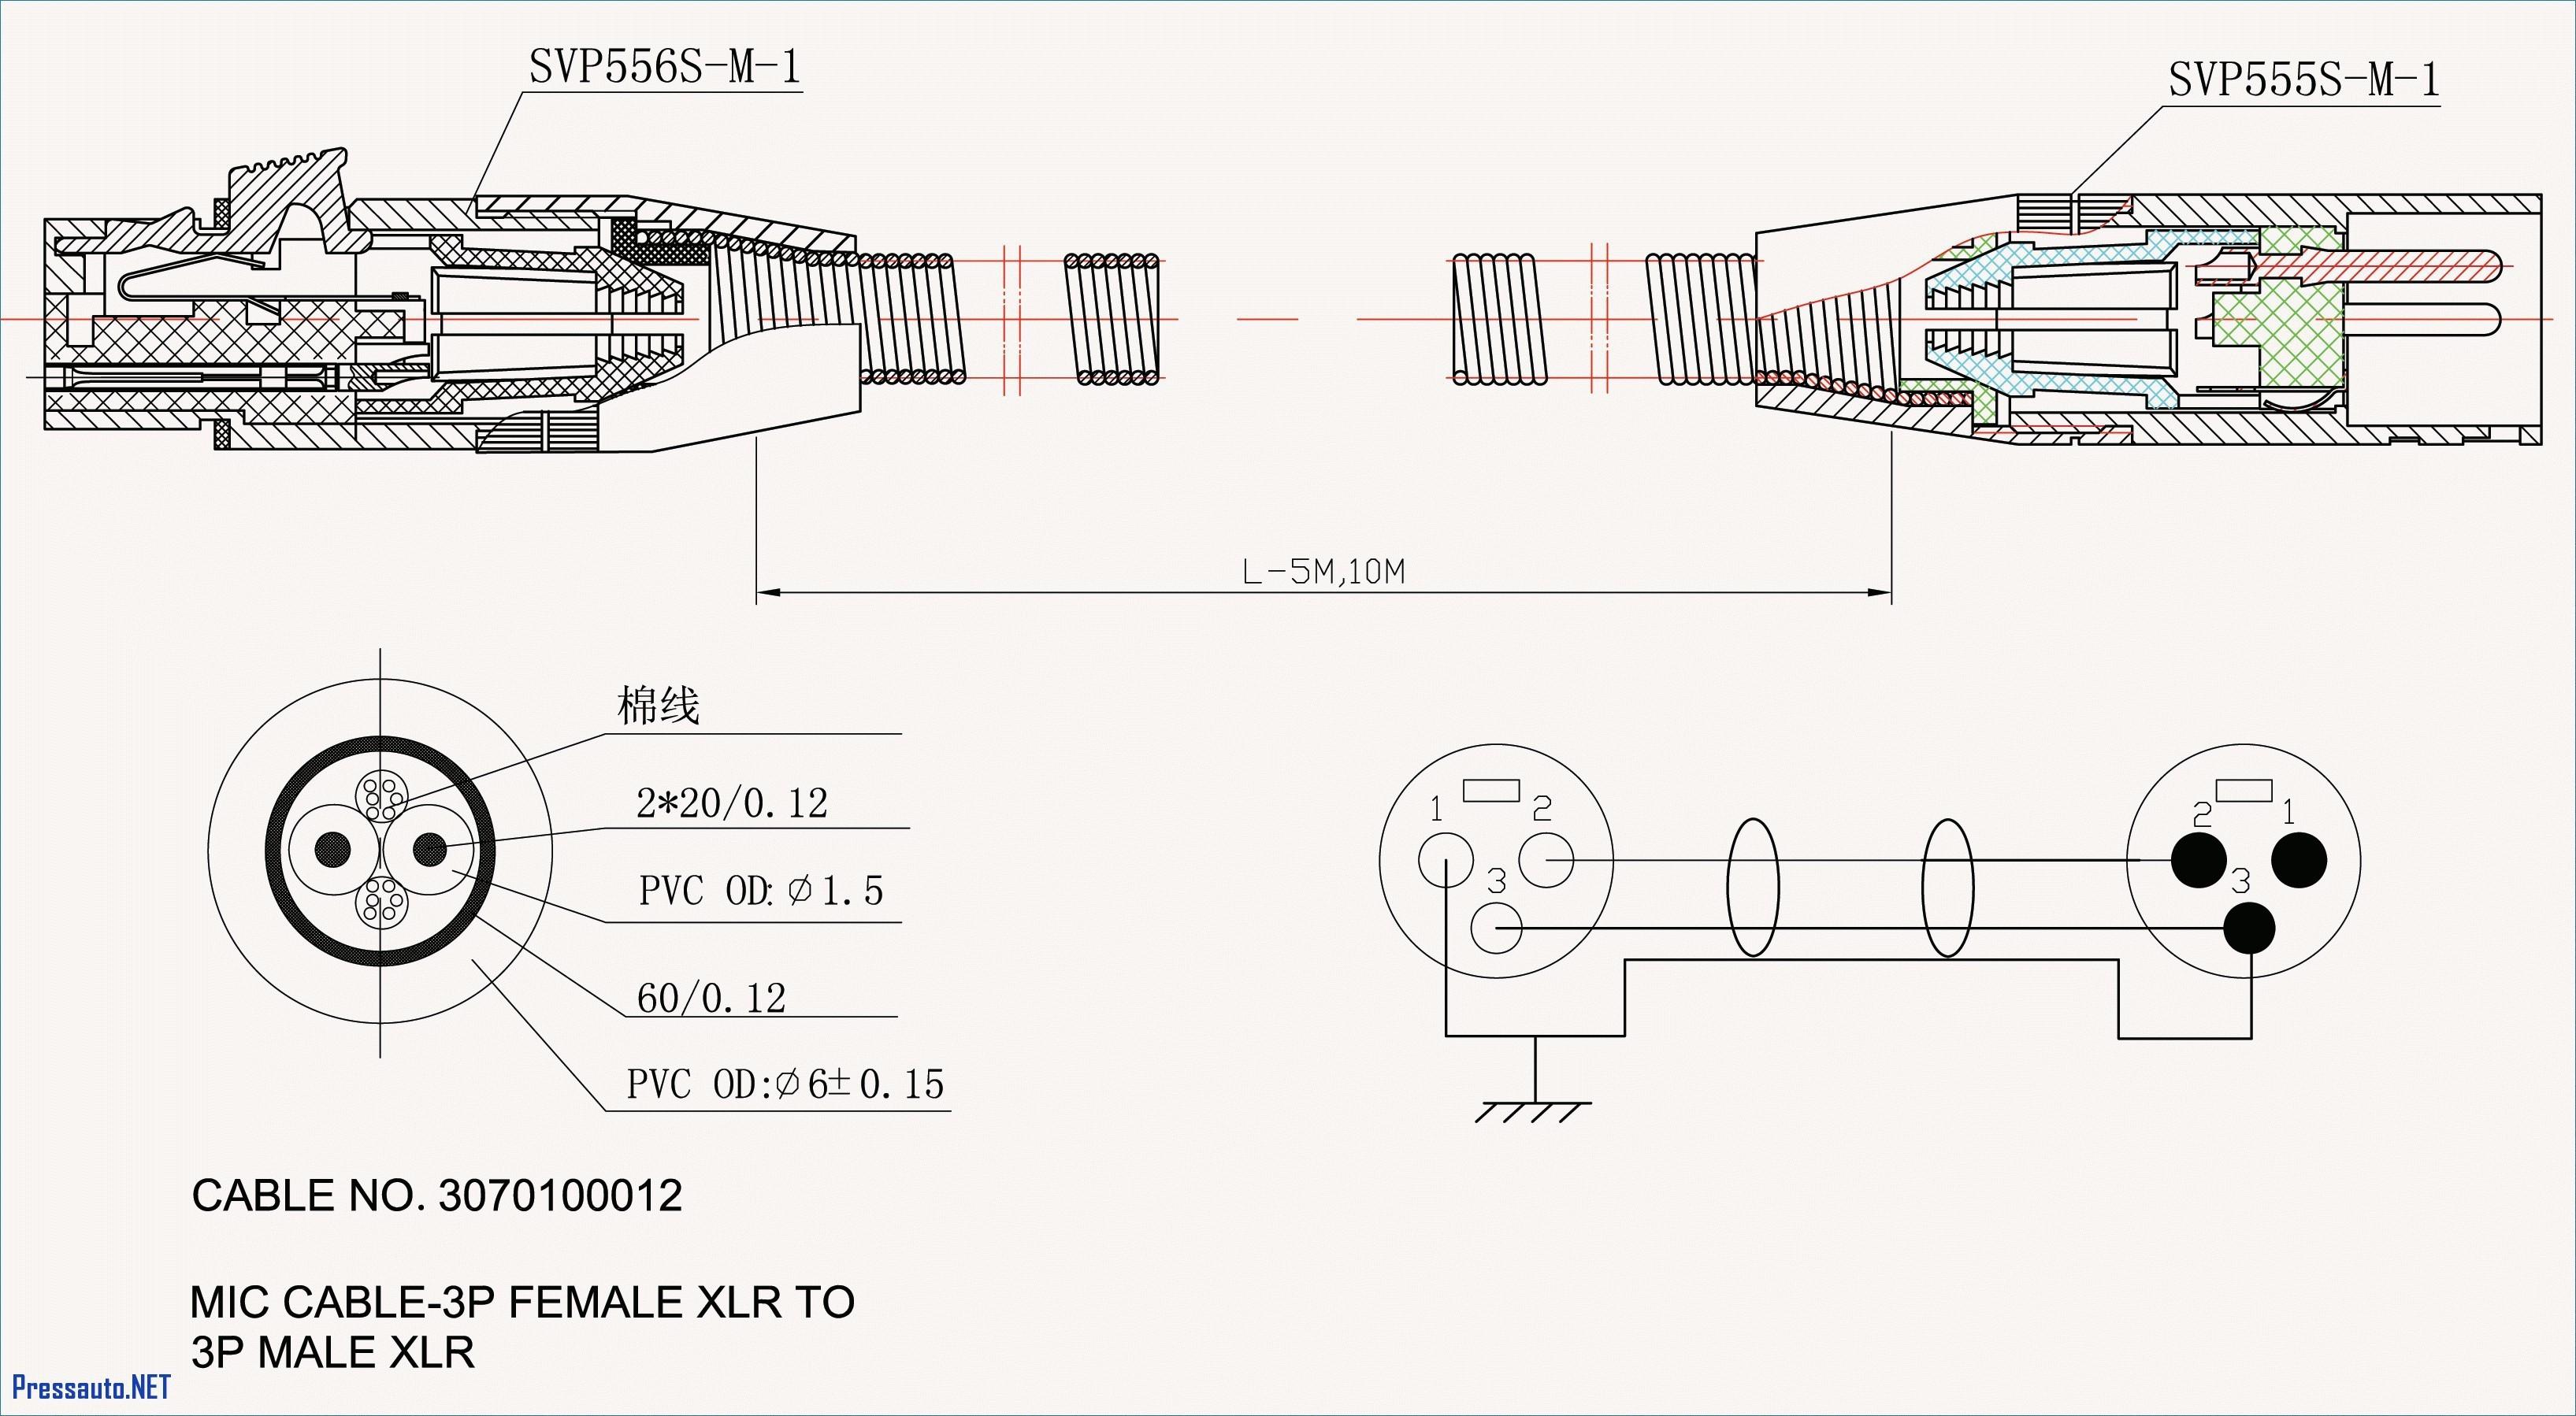 Cummins N14 Engine Diagram Diesel Engine Alternator Wiring Diagram Shahsramblings Of Cummins N14 Engine Diagram